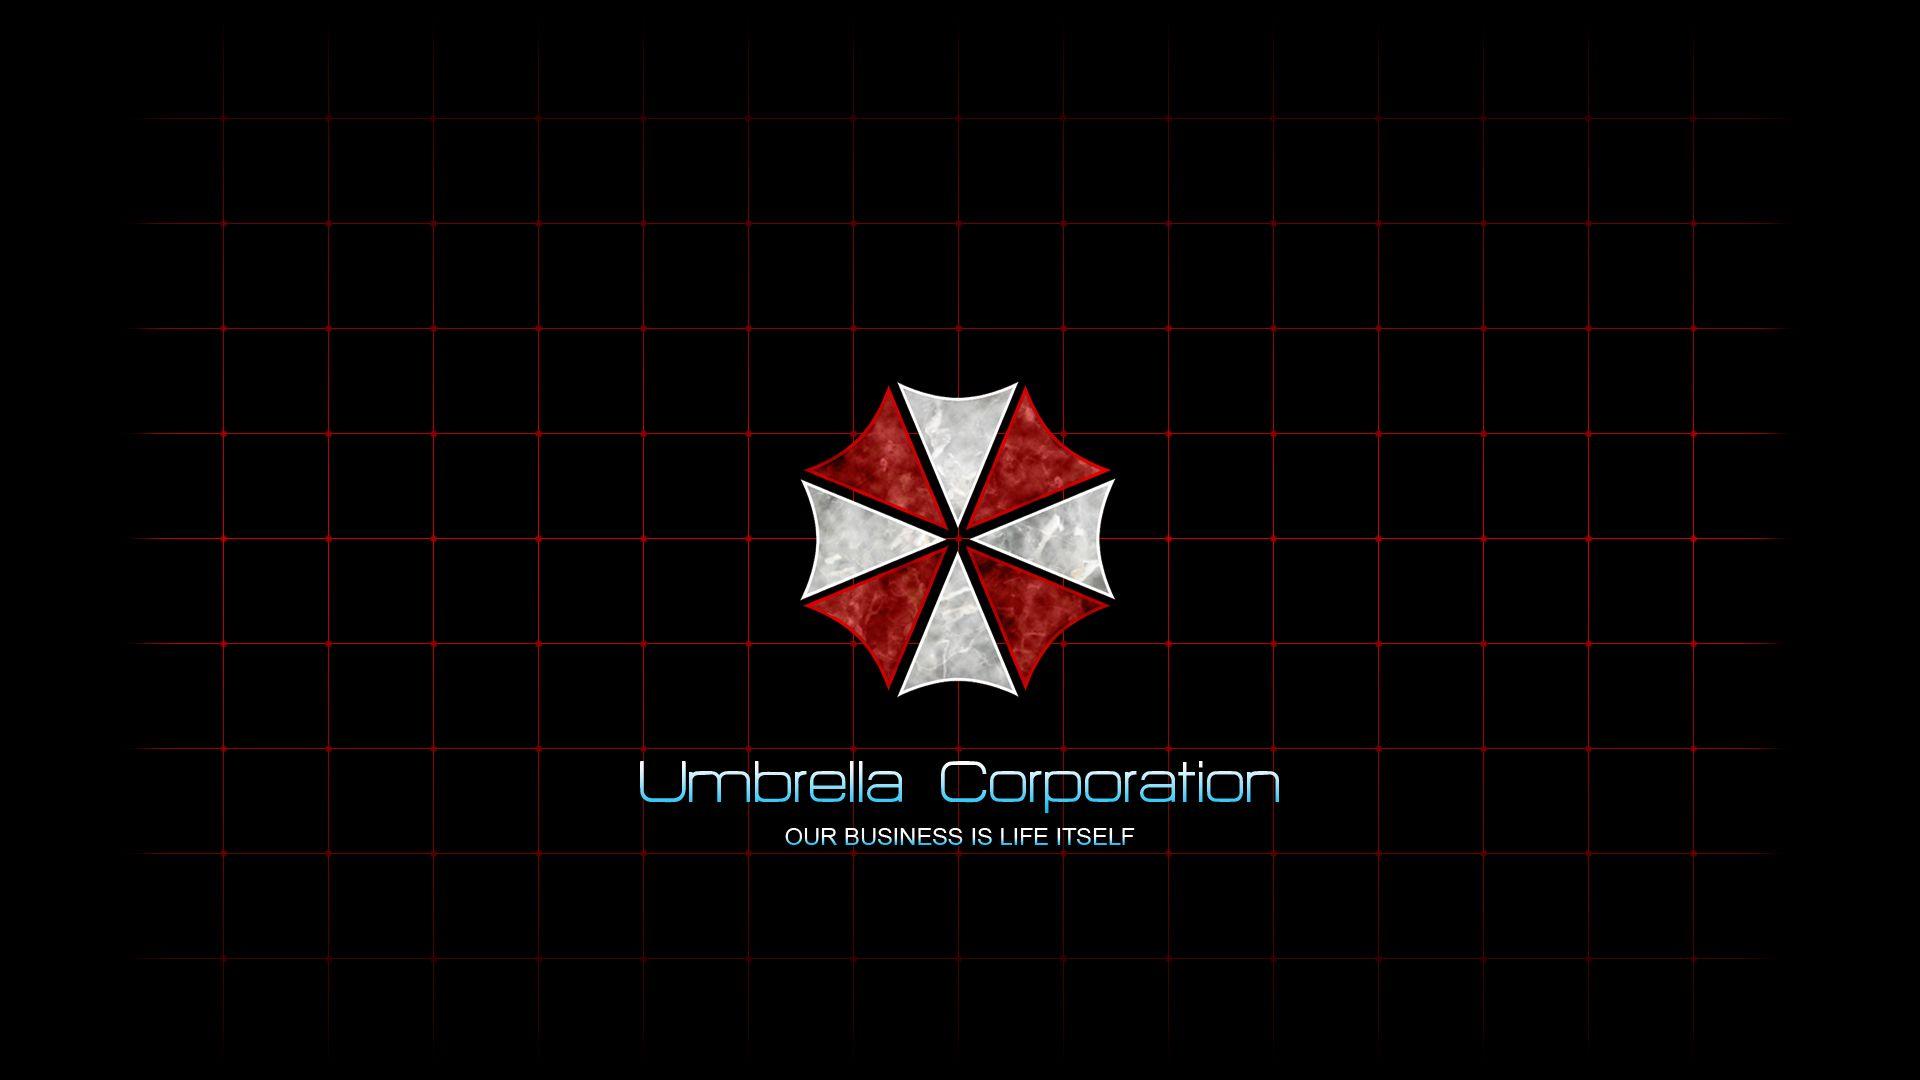 50 Resident Evil 6 Wallpaper 1080p On Wallpapersafari